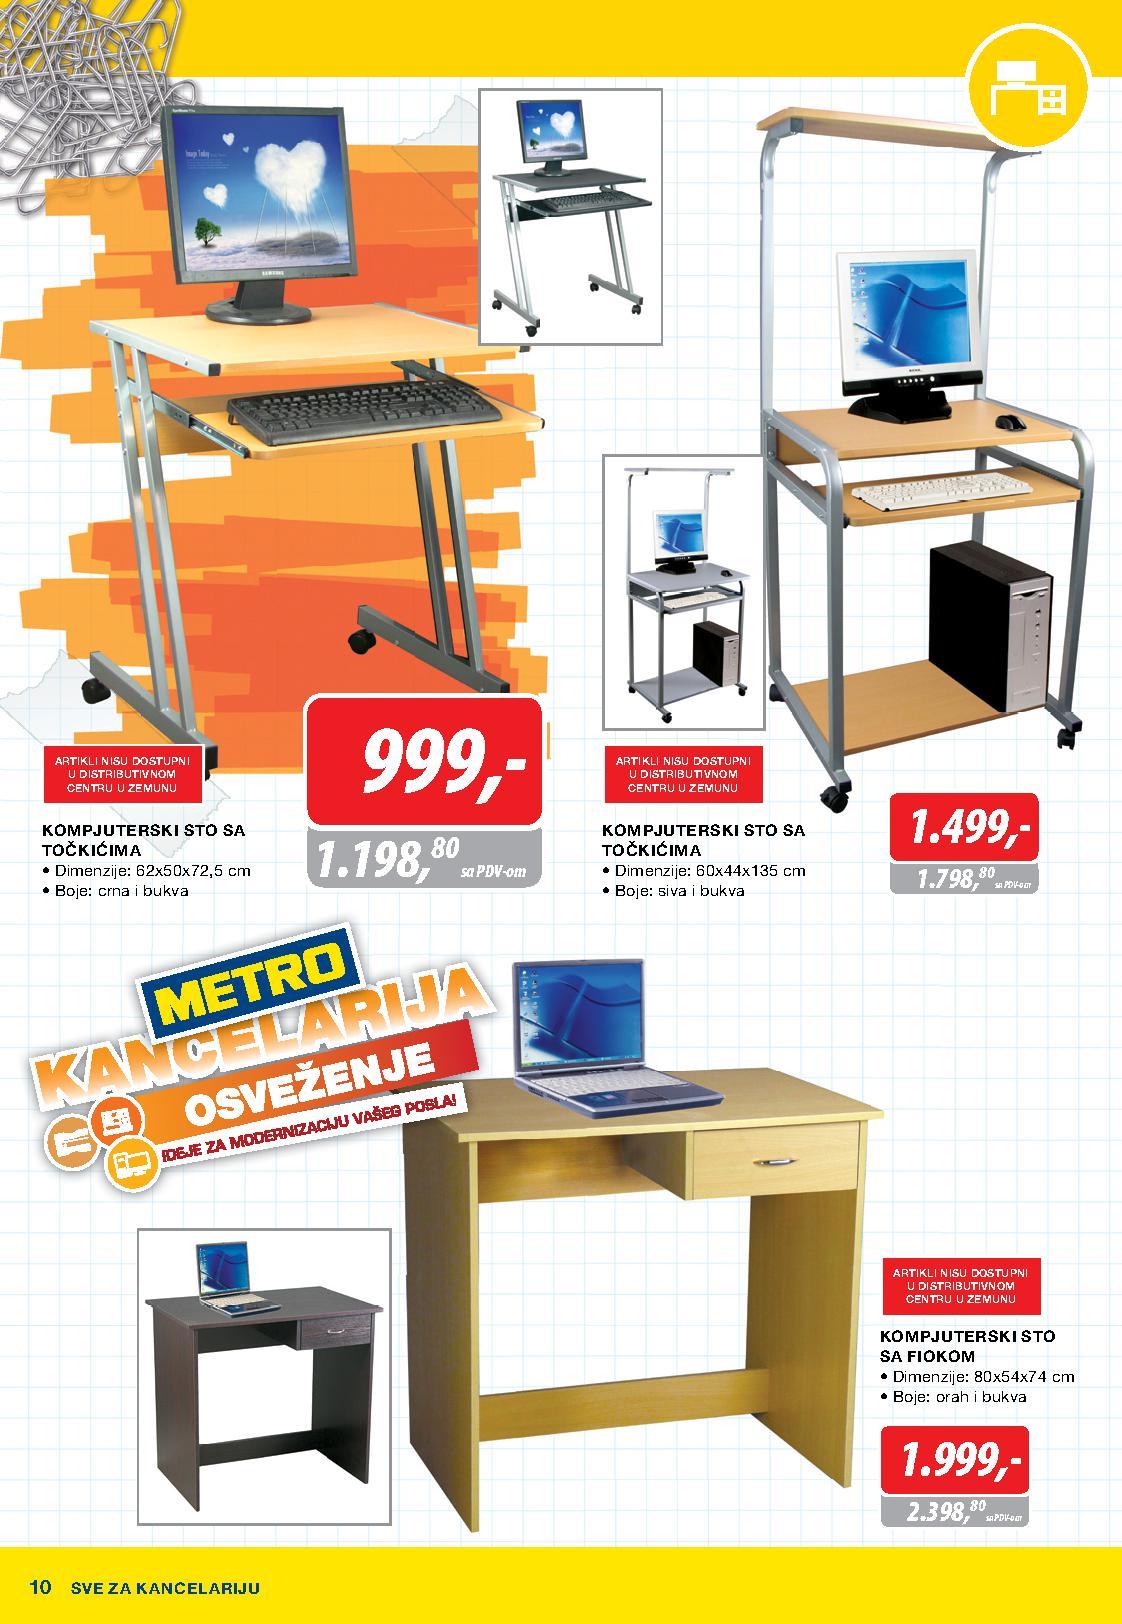 Metro katalog najpovoljnije cene za vašu kancelariju